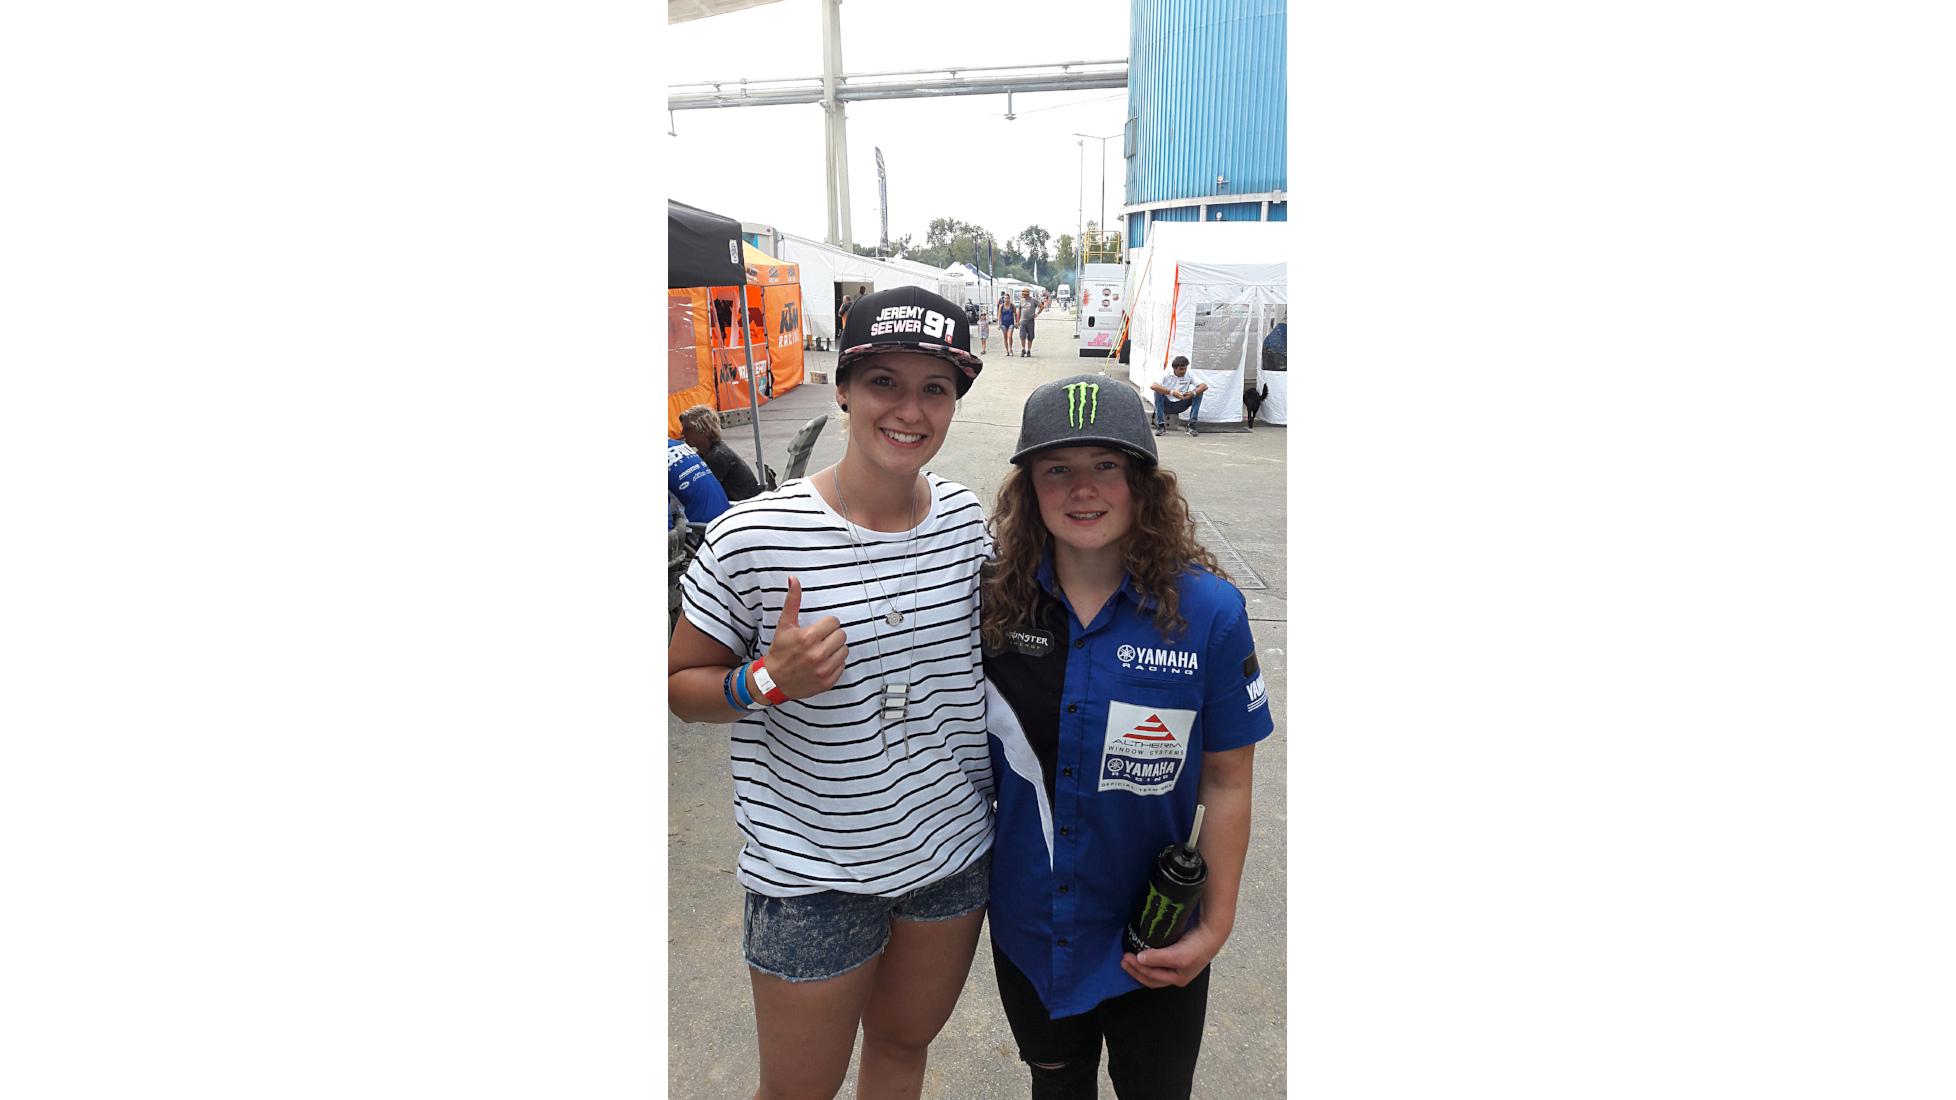 Meine Vorbilder Courtney Duncan - Nina Heimbüchel - Motocross-Adventskalender - miradlo Versanddepot